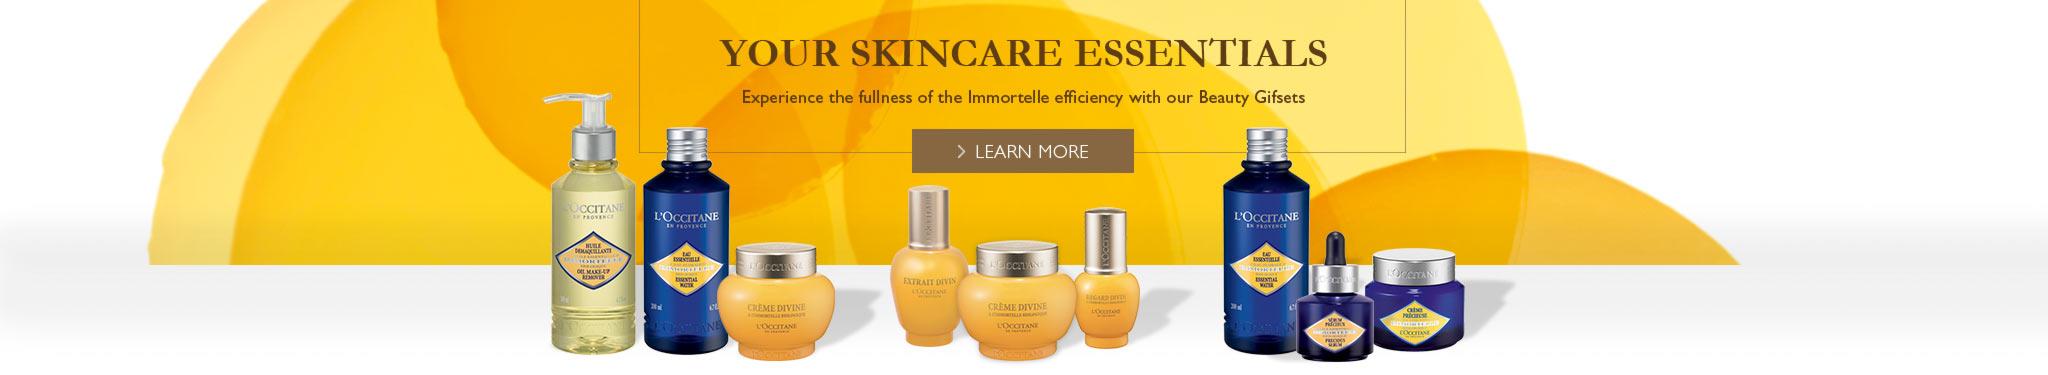 Your Skincare Essentials